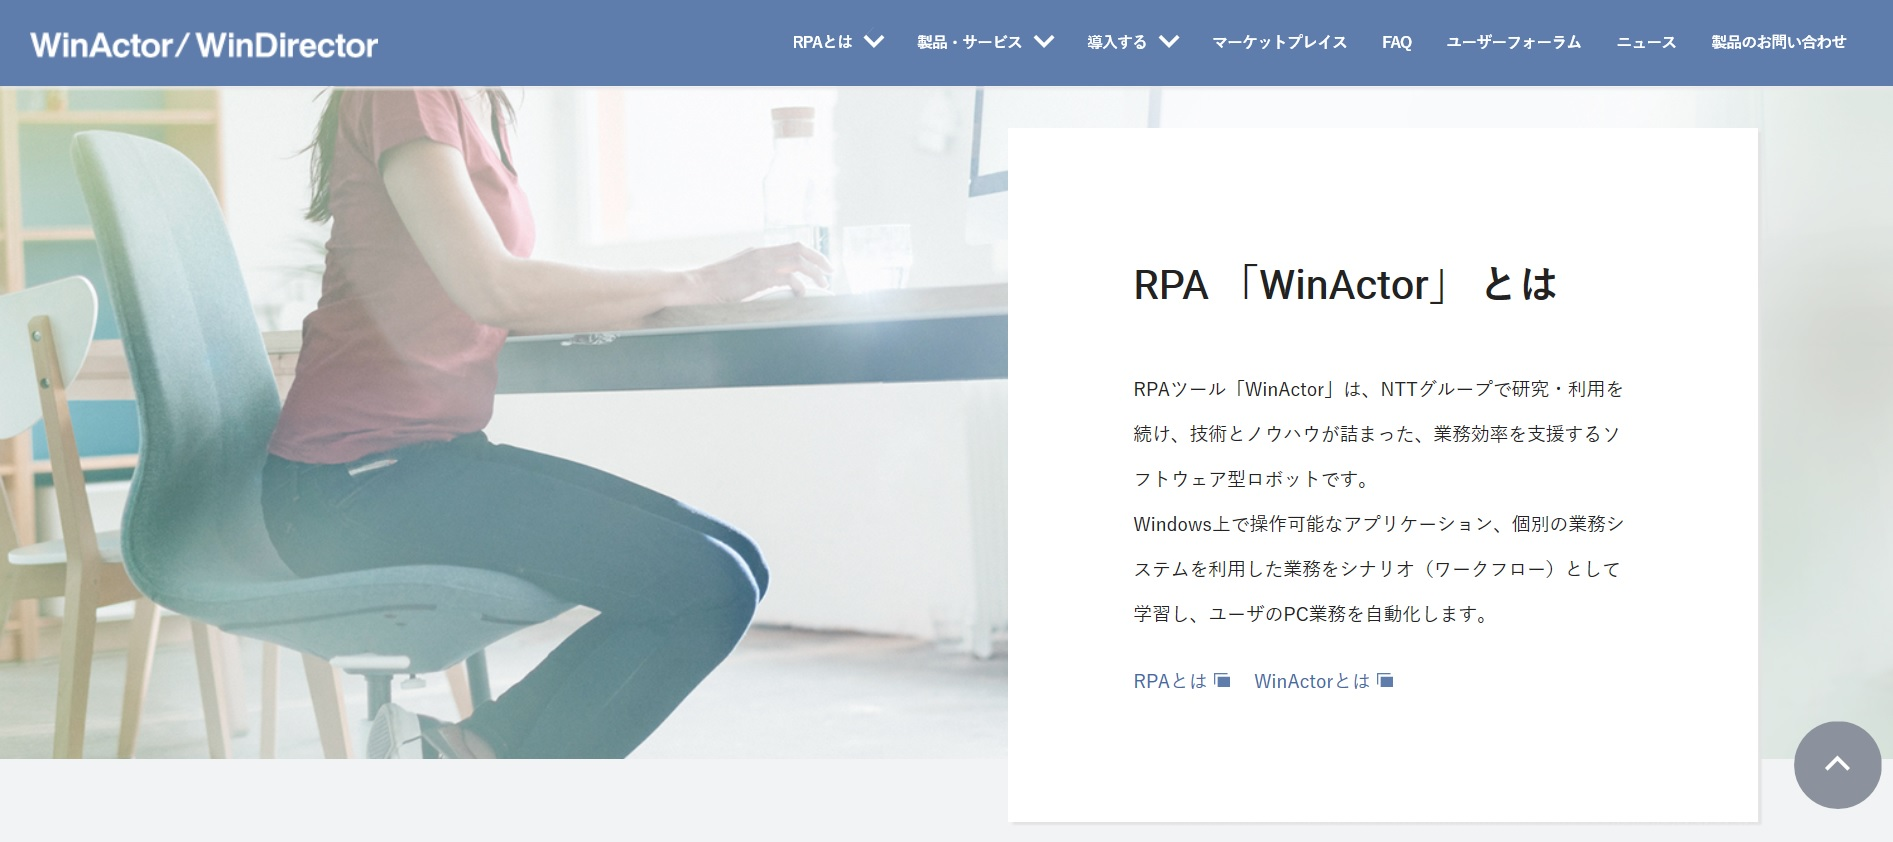 WinActor公式ページ画像